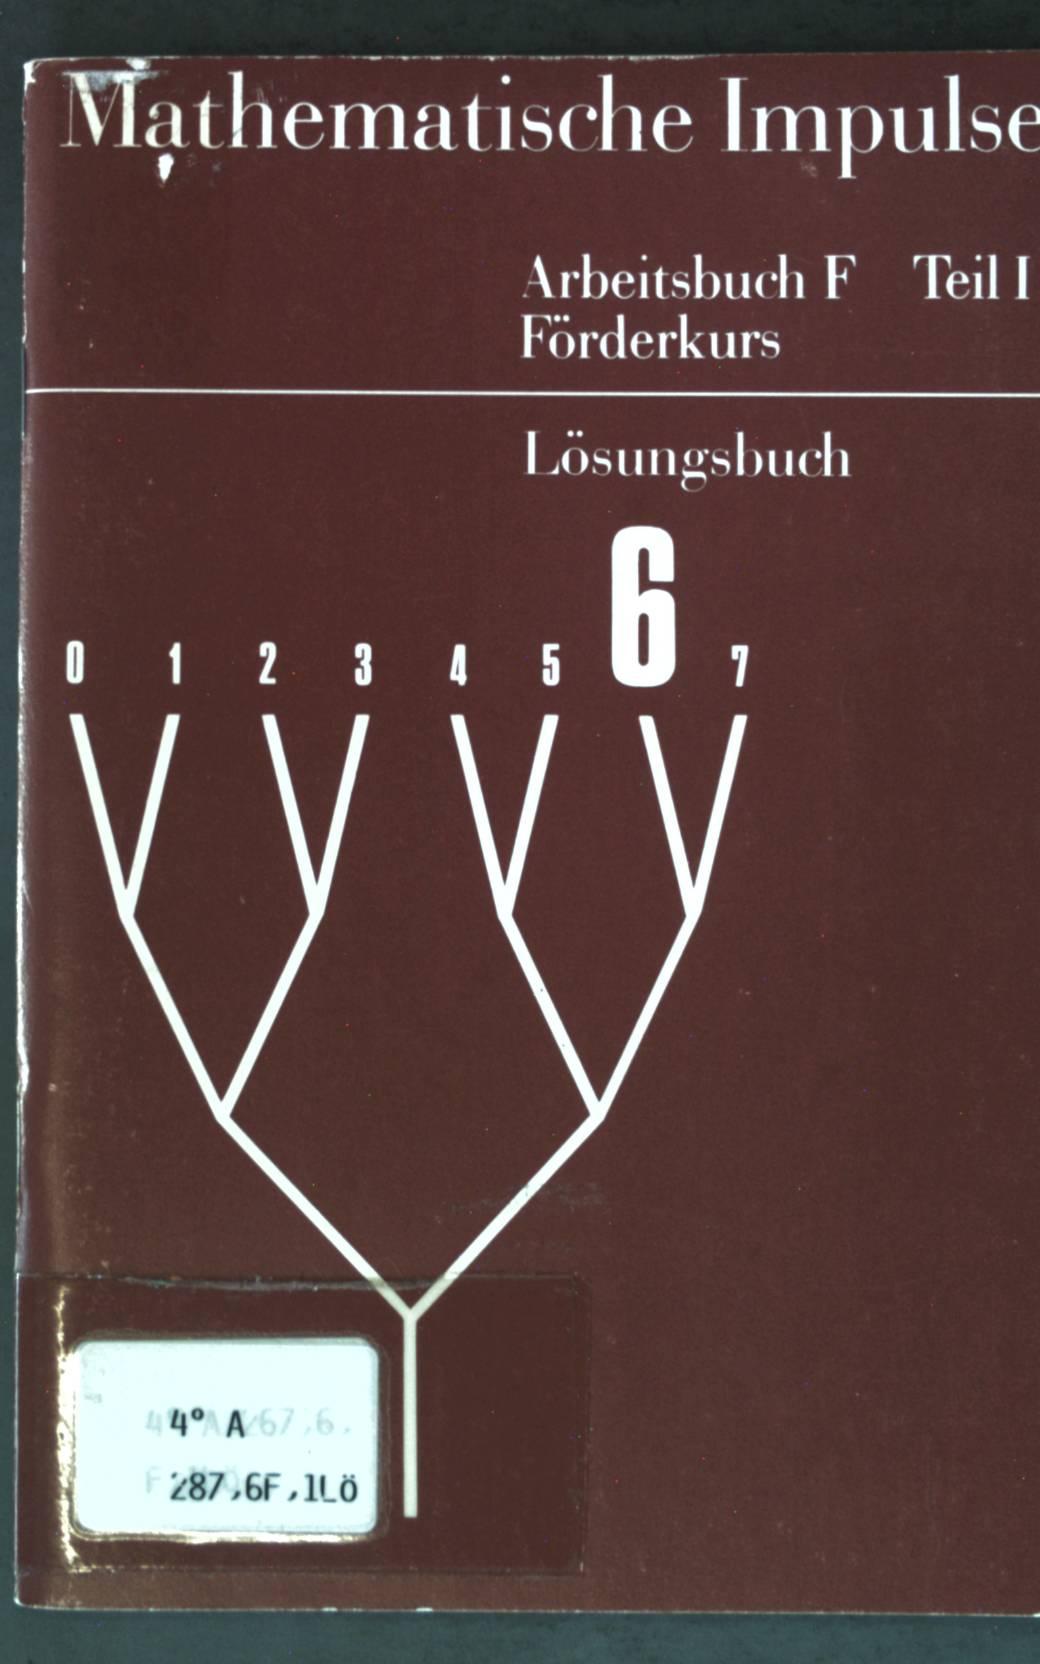 Mathematische Impulse: Arbeitsbuch F Teil I: Förderkurs;: Fricke, Arnold: